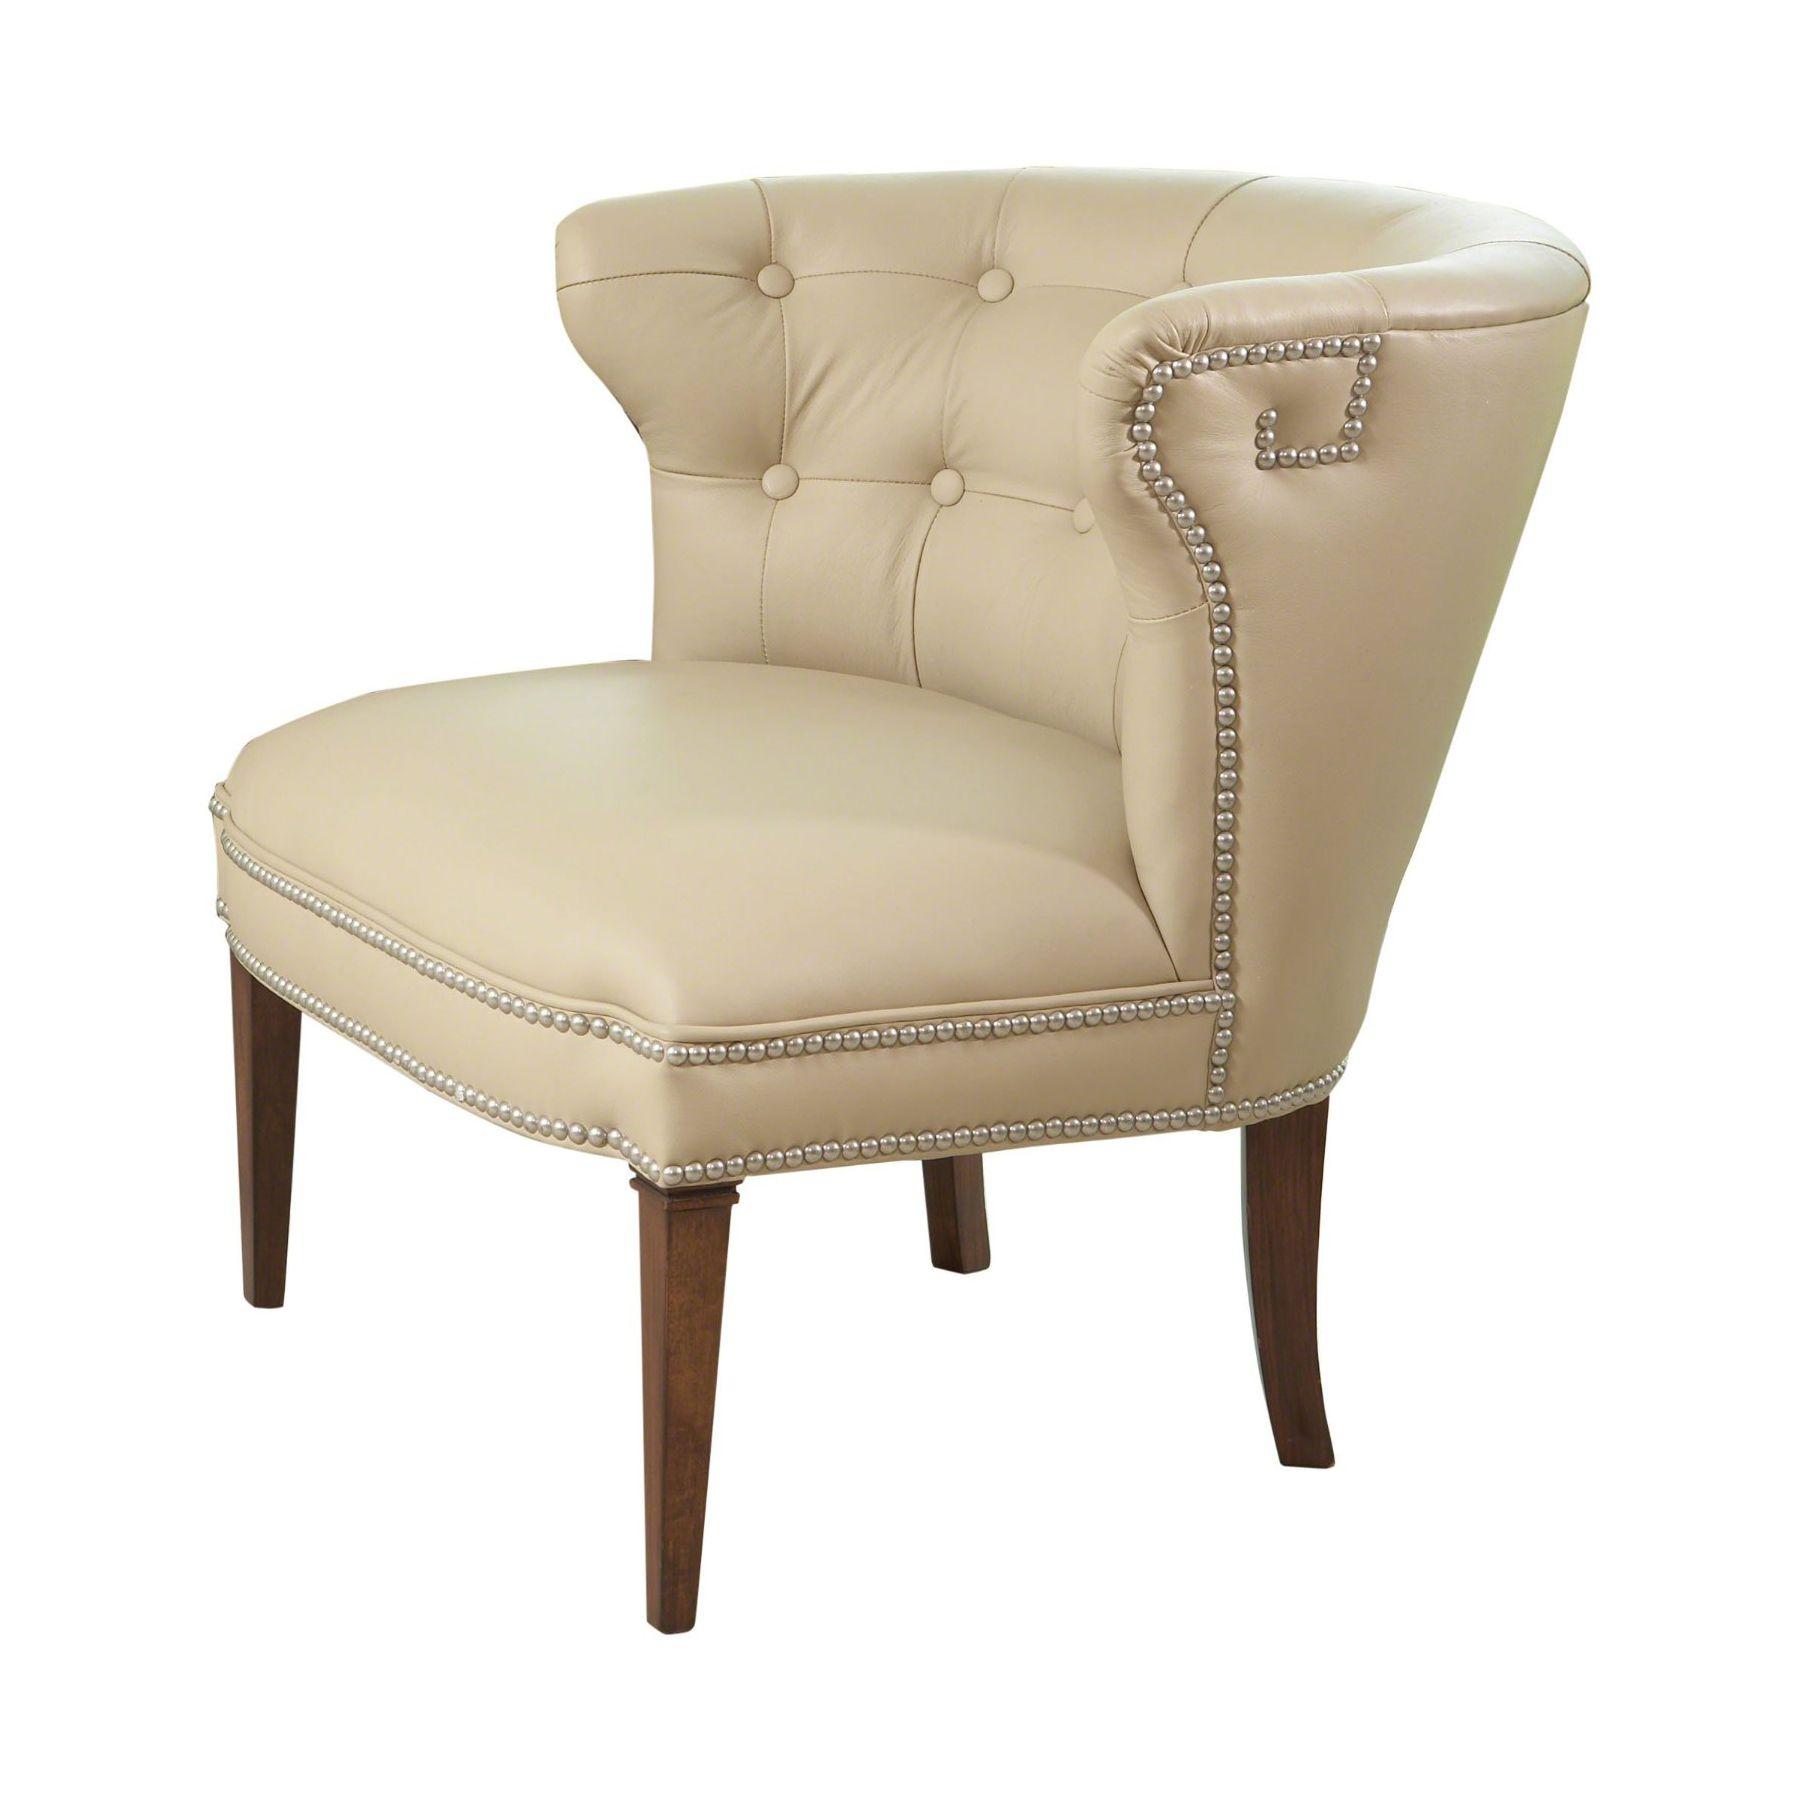 Excellent Modern Klismos Chairs Unemploymentrelief Wooden Chair Designs For Living Room Unemploymentrelieforg